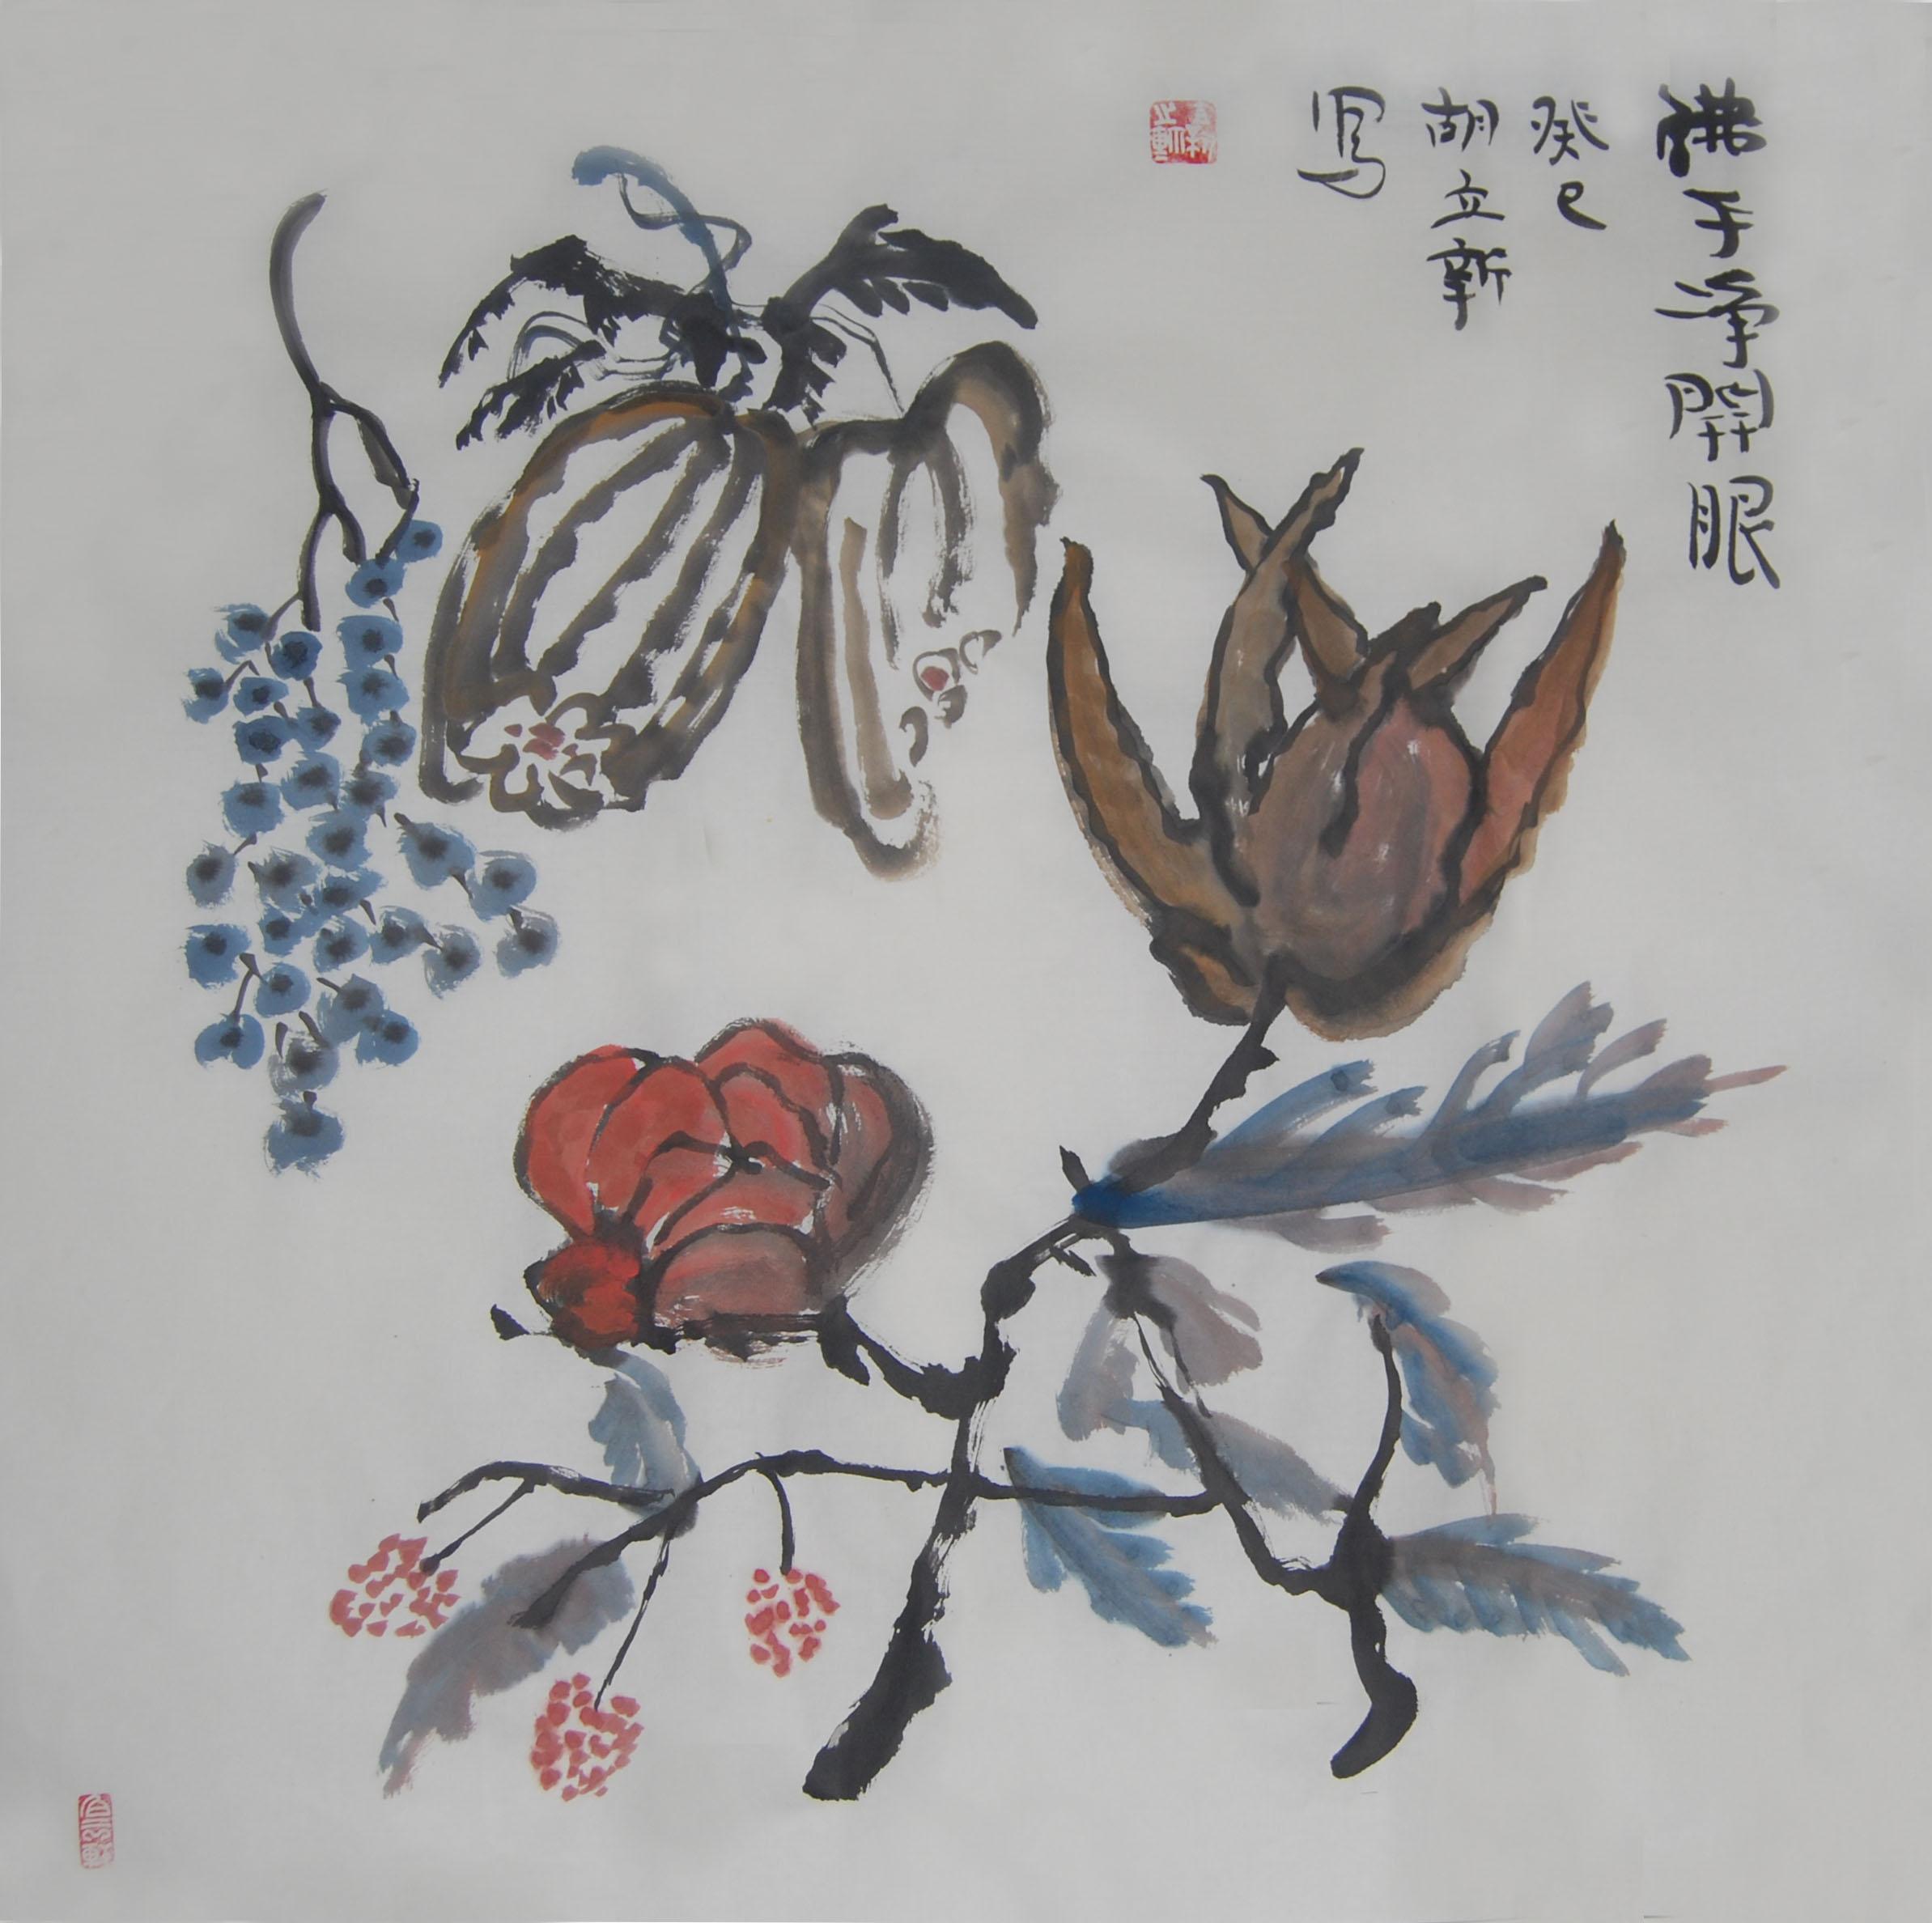 水墨佛手纹身手稿分享展示